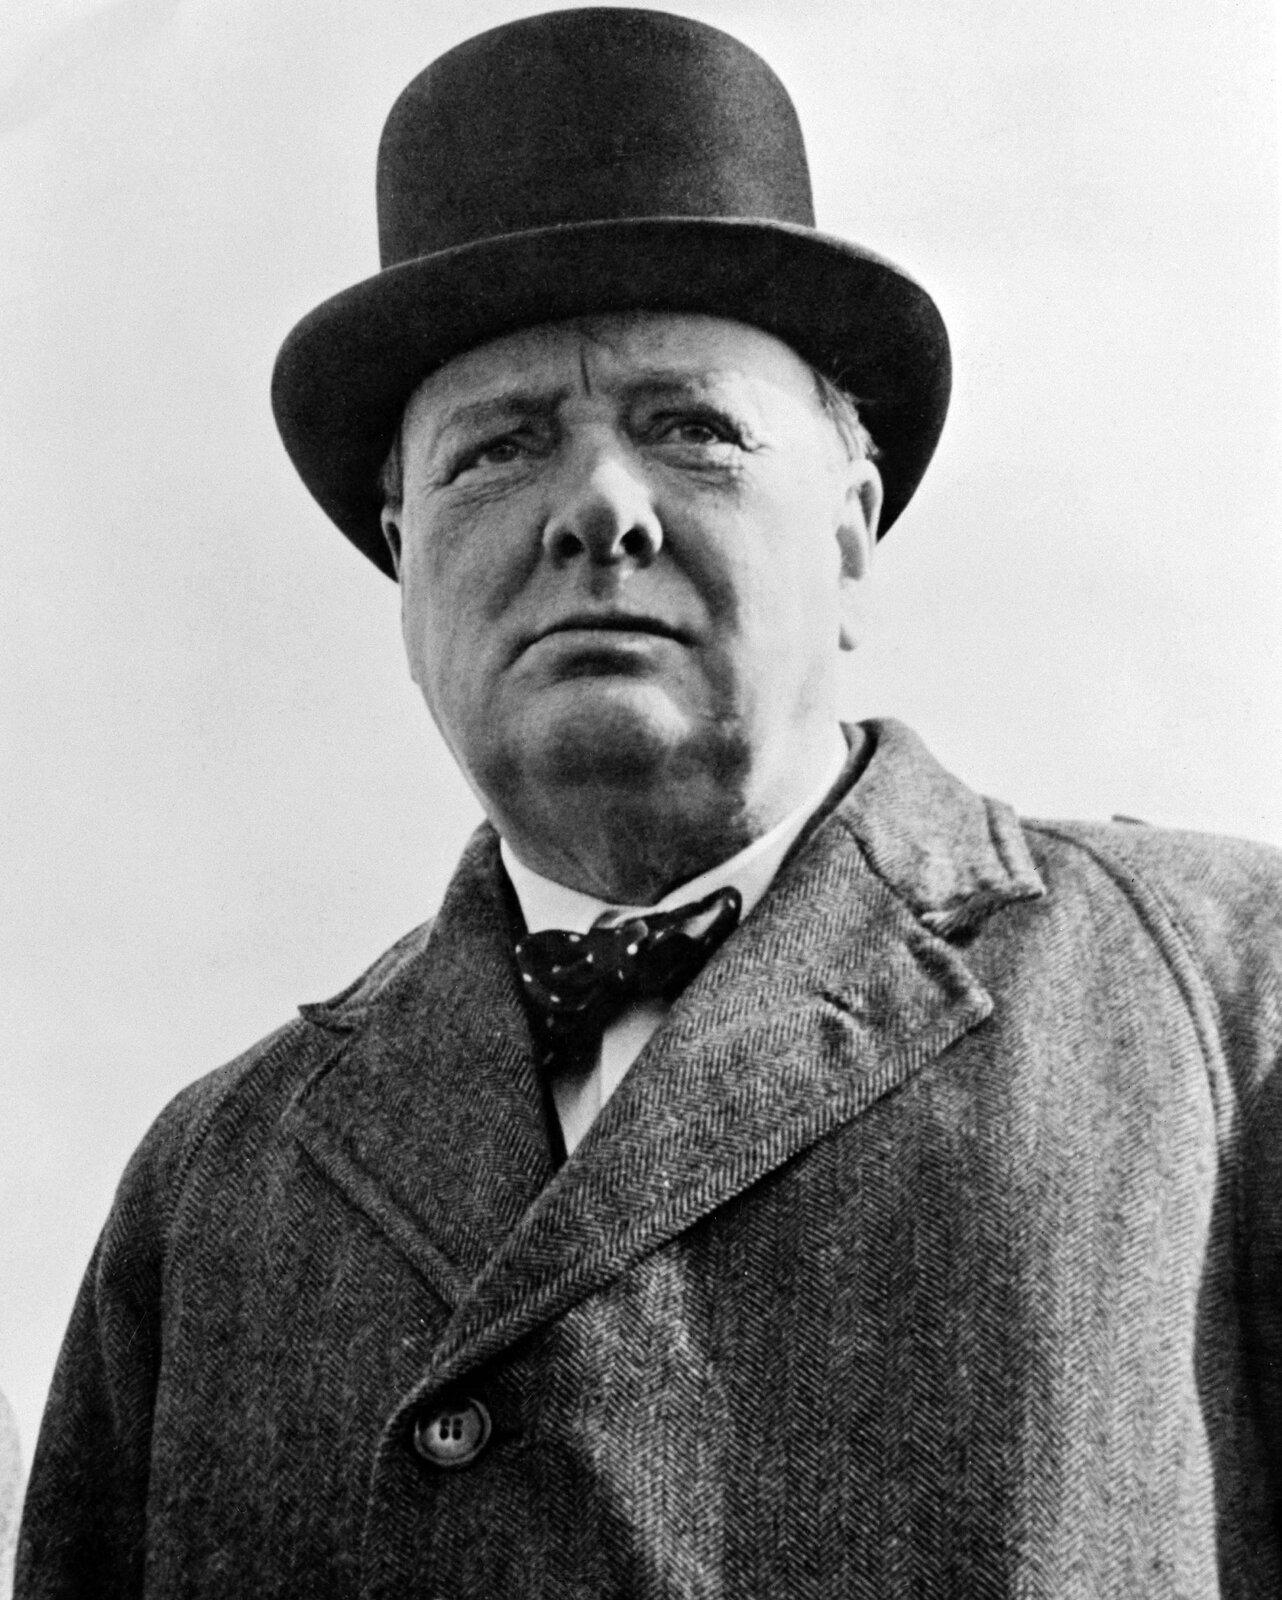 Sir Winston Churchill Źródło: United Nations Information Office, New York, Sir Winston Churchill, Biblioteka Kongresu Stanów Zjednoczonych, domena publiczna.